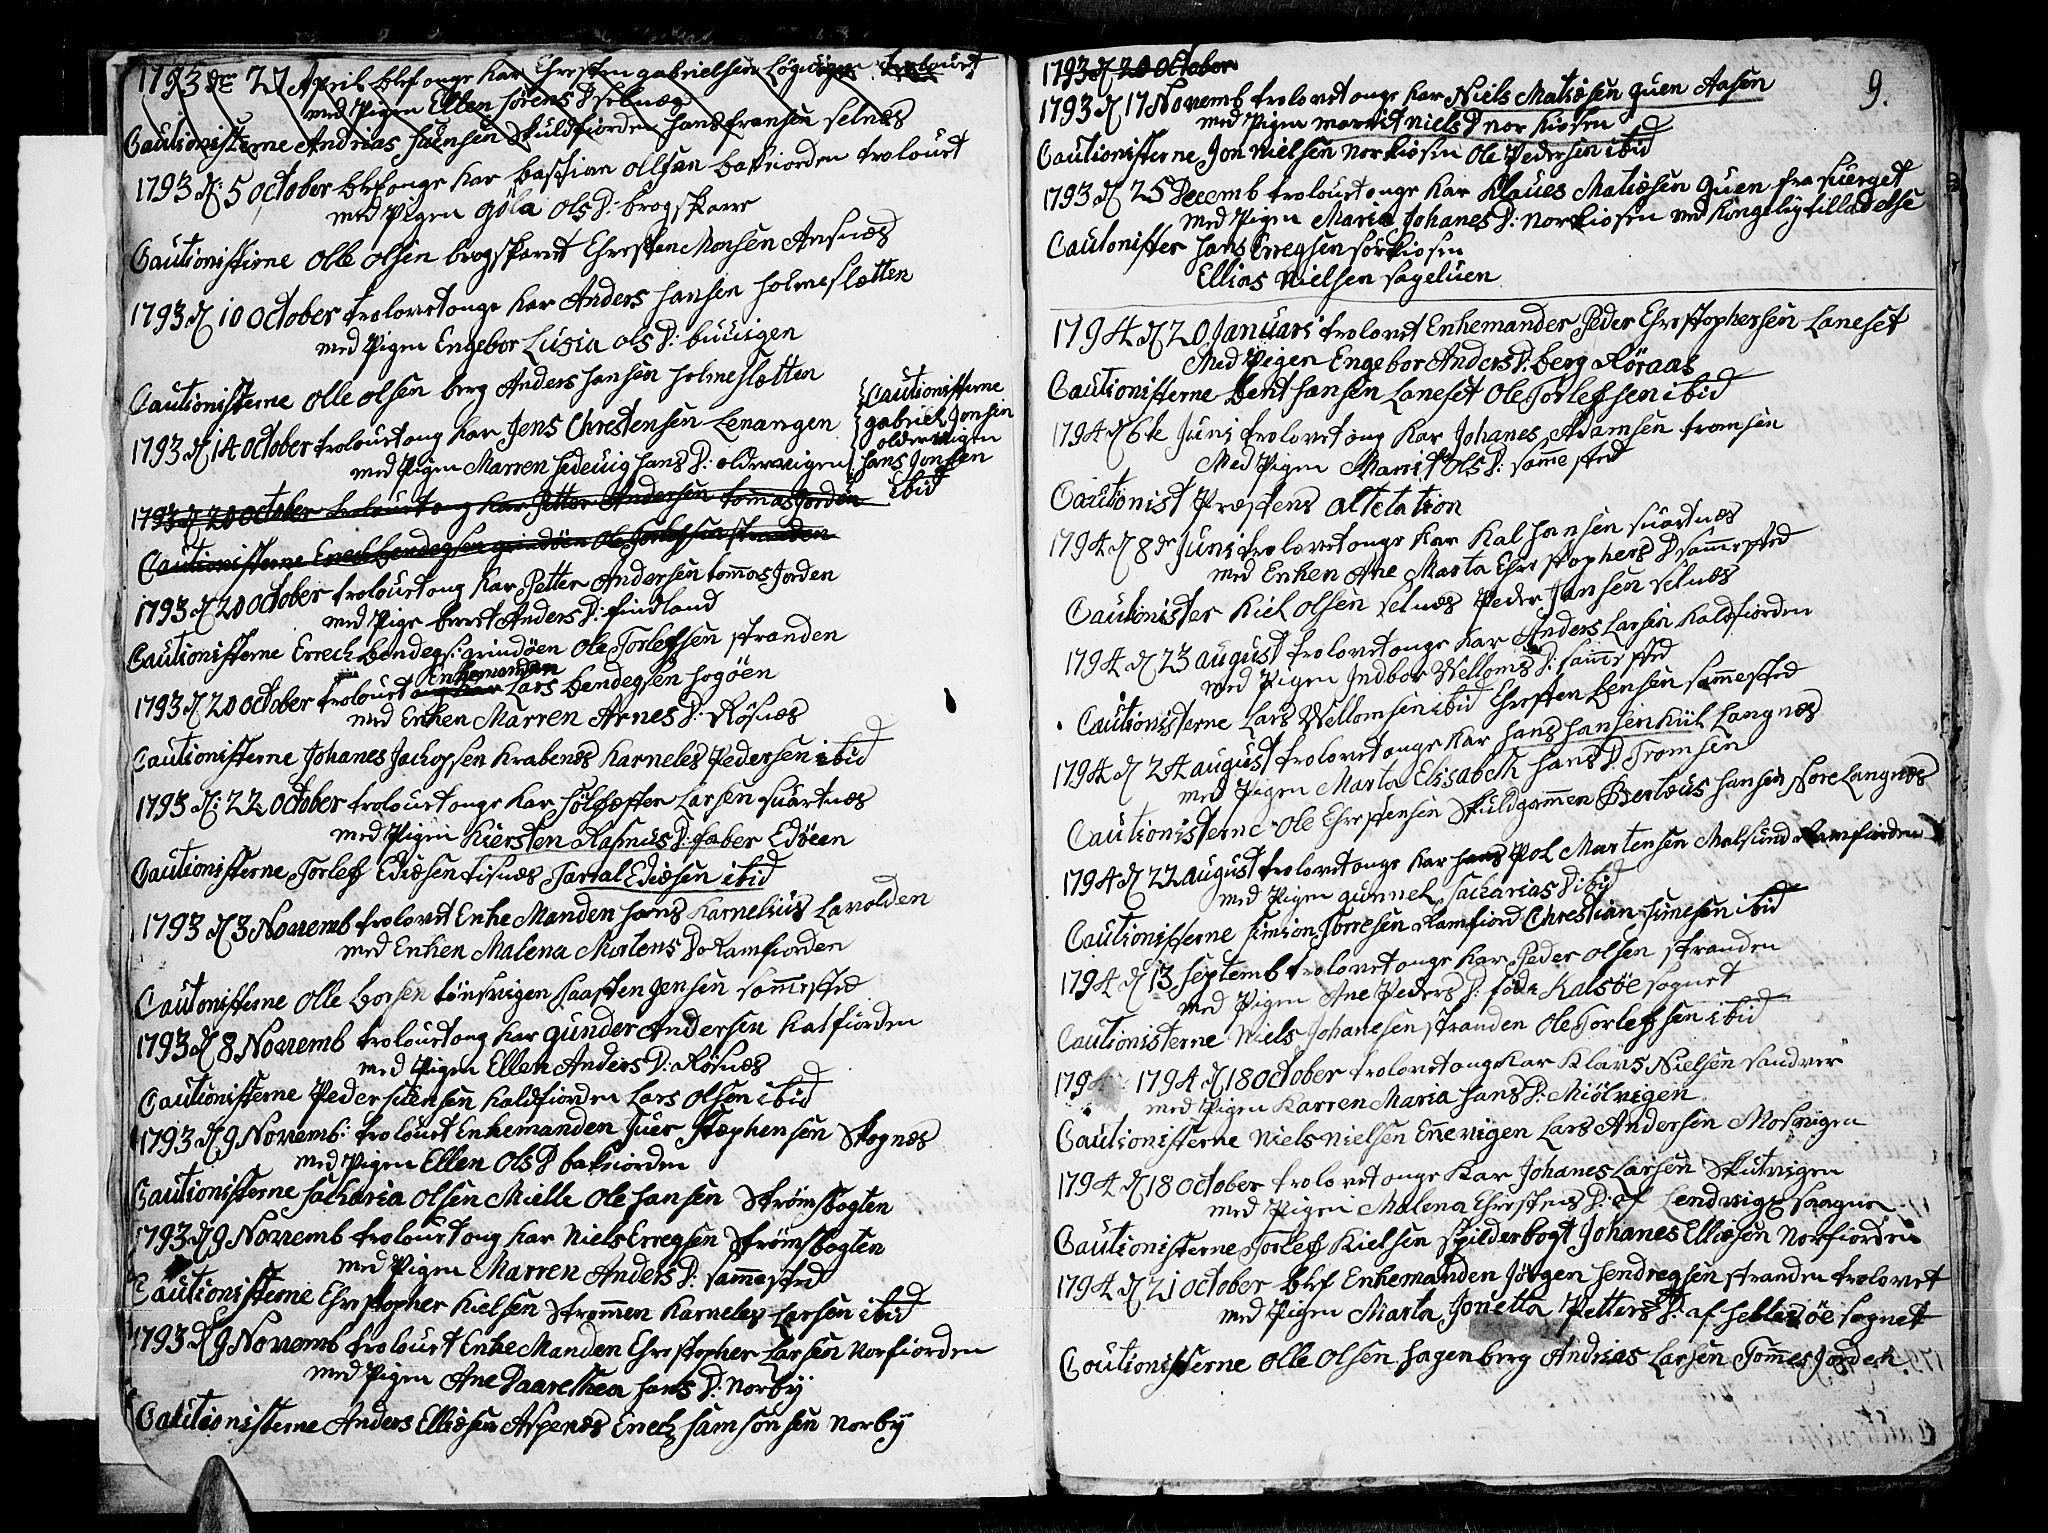 SATØ, Tromsø sokneprestkontor/stiftsprosti/domprosti, G/Ga/L0004kirke: Ministerialbok nr. 4, 1787-1795, s. 9